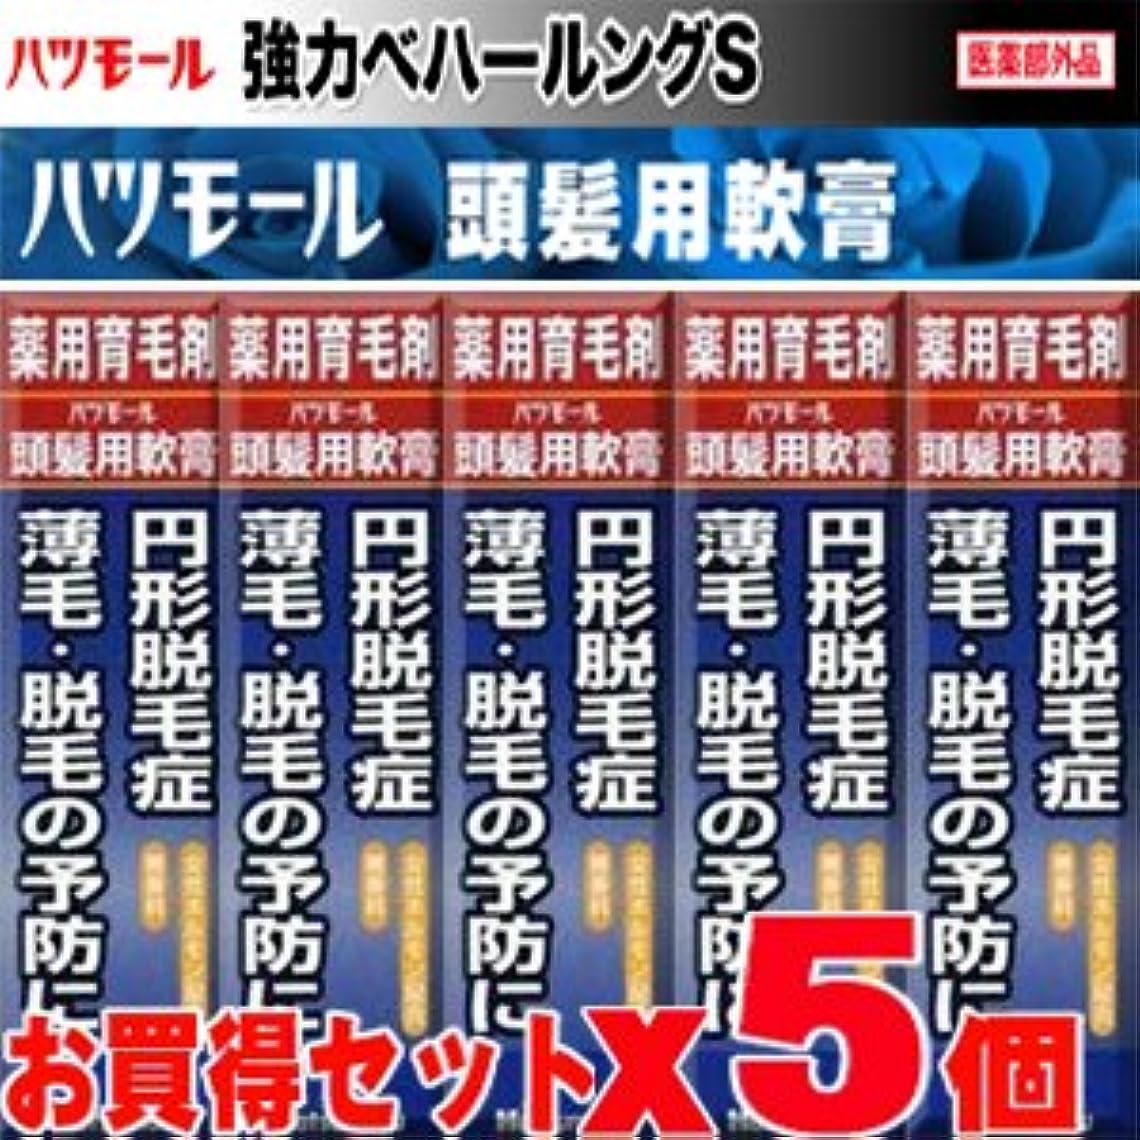 強力ベハールングS ハツモール頭髪用軟膏 25gx5個セット 【医薬部外品】